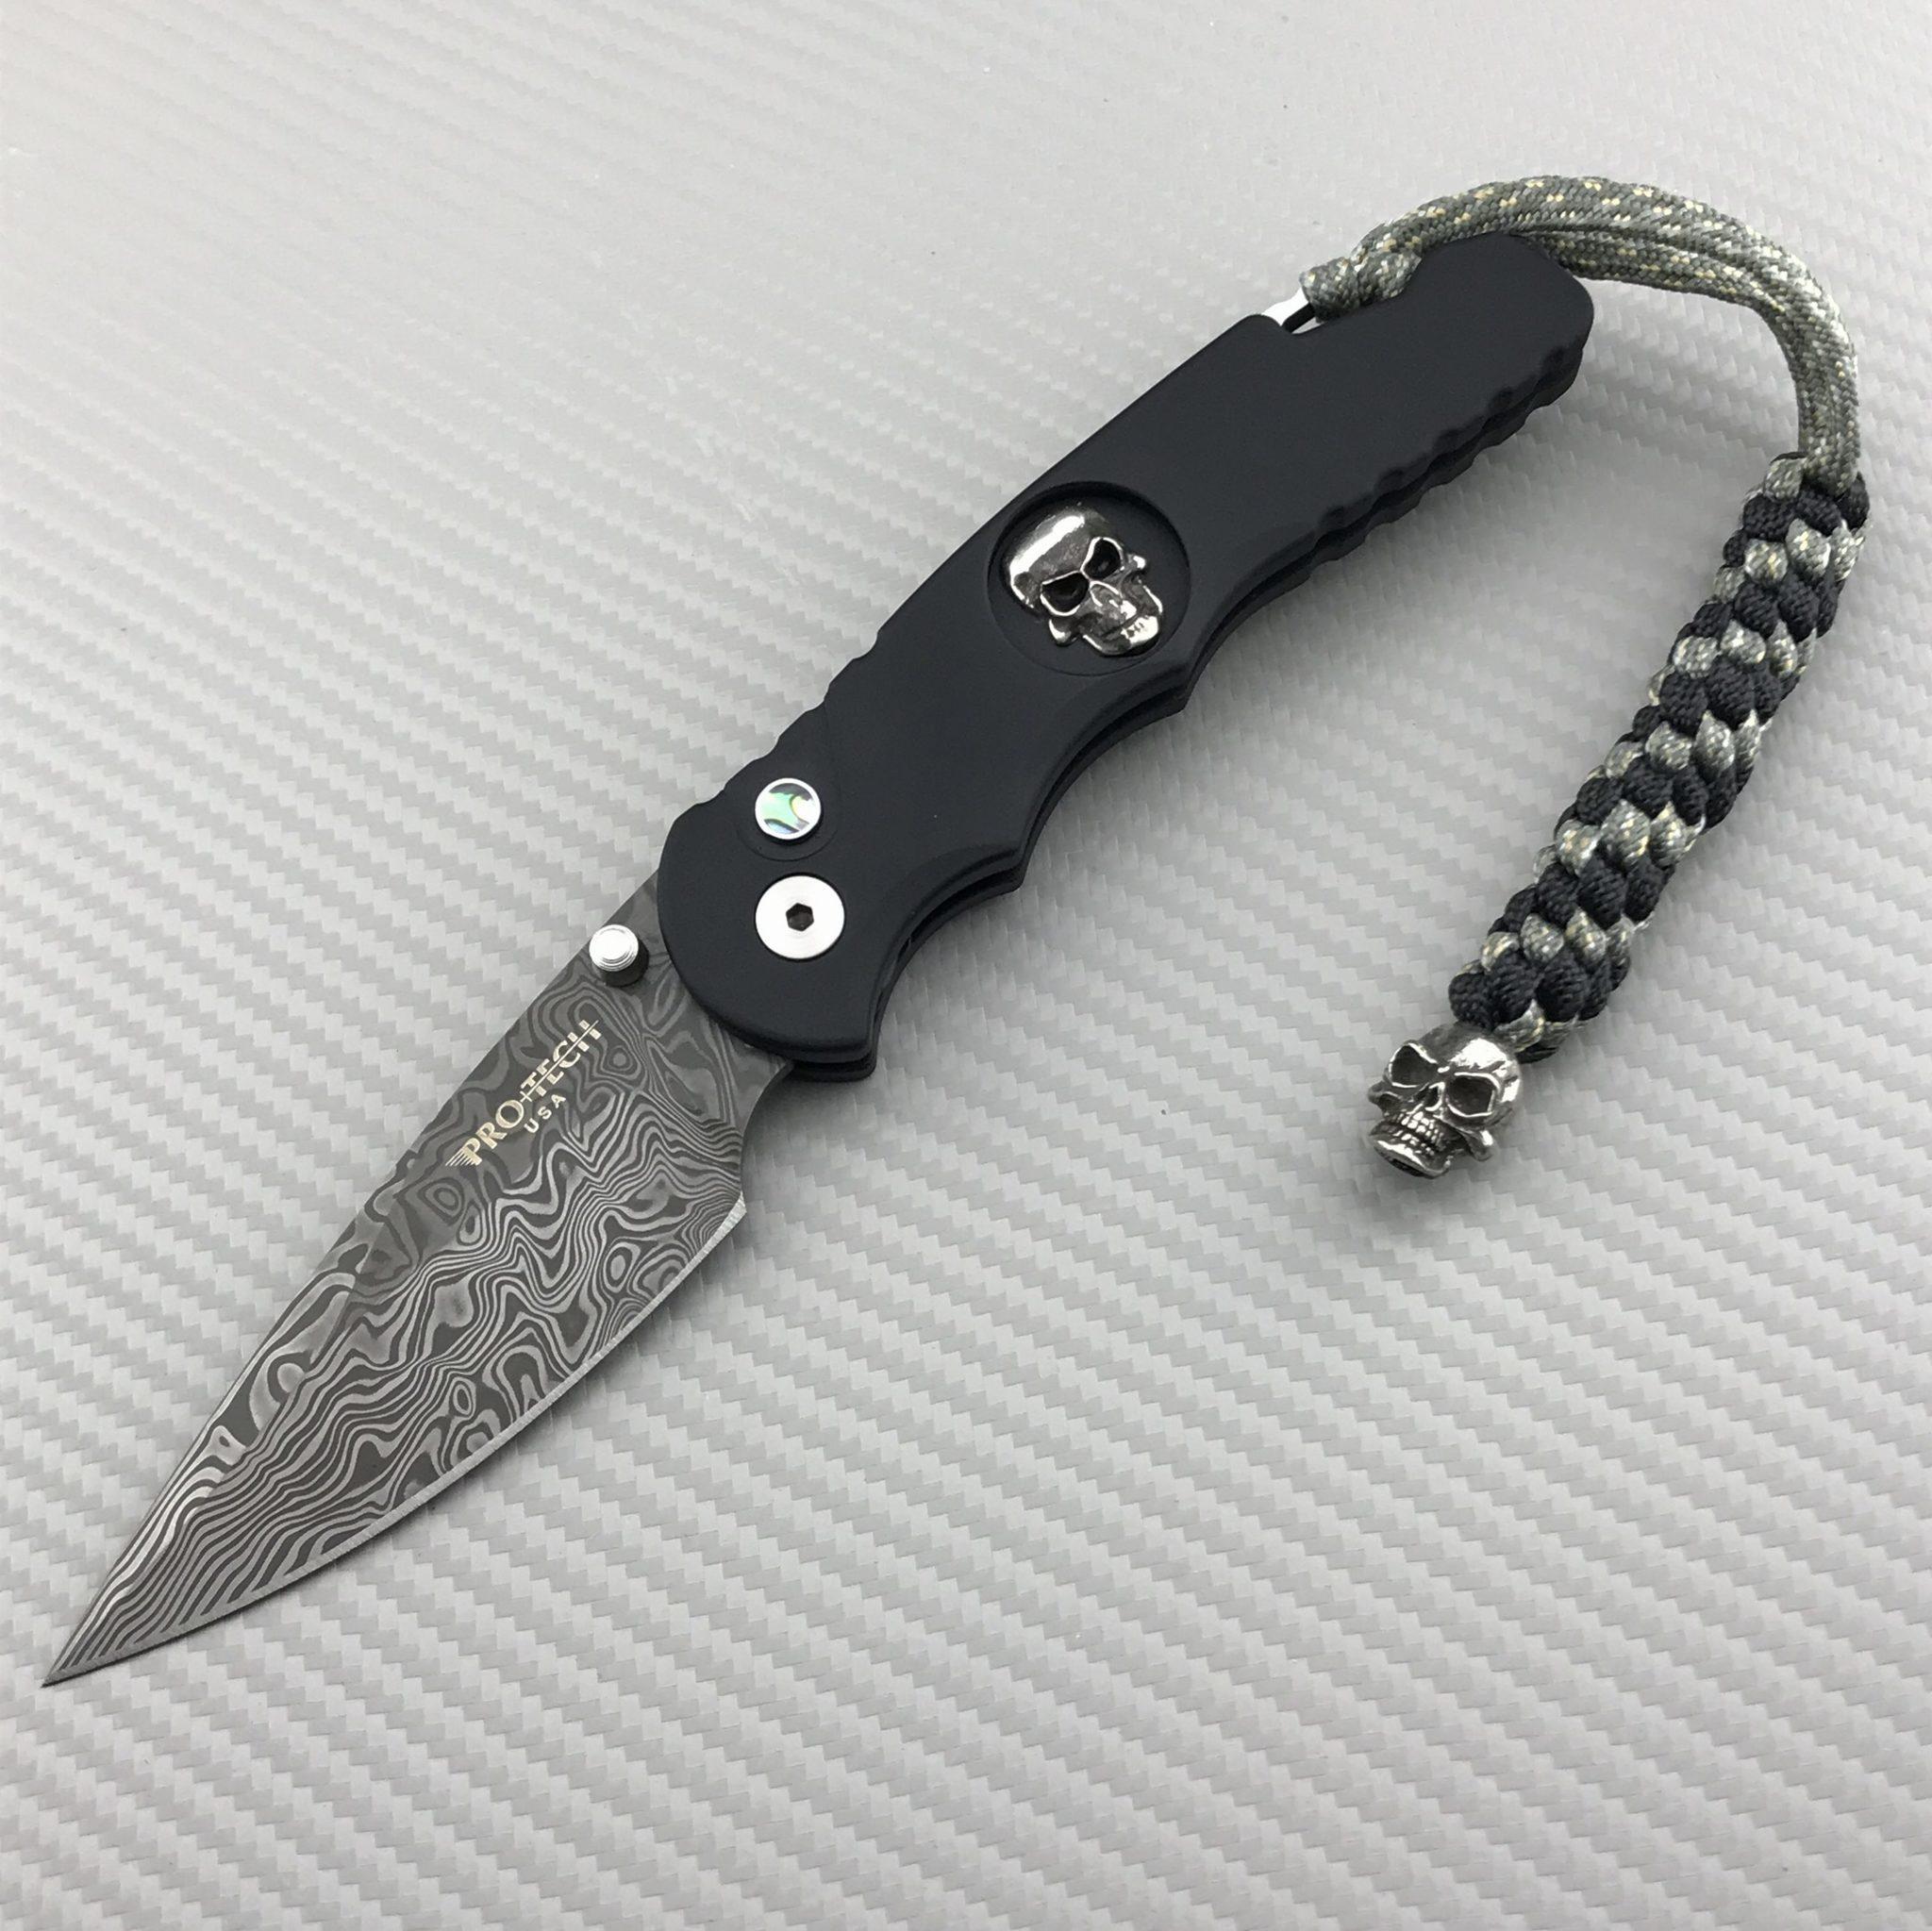 Фото 2 - Складной нож Pro-Tech T5.70 - Tactical Response 5 Bruce Show designed, клинок дамасская сталь, рукоять алюминий, TR-5.70-DM